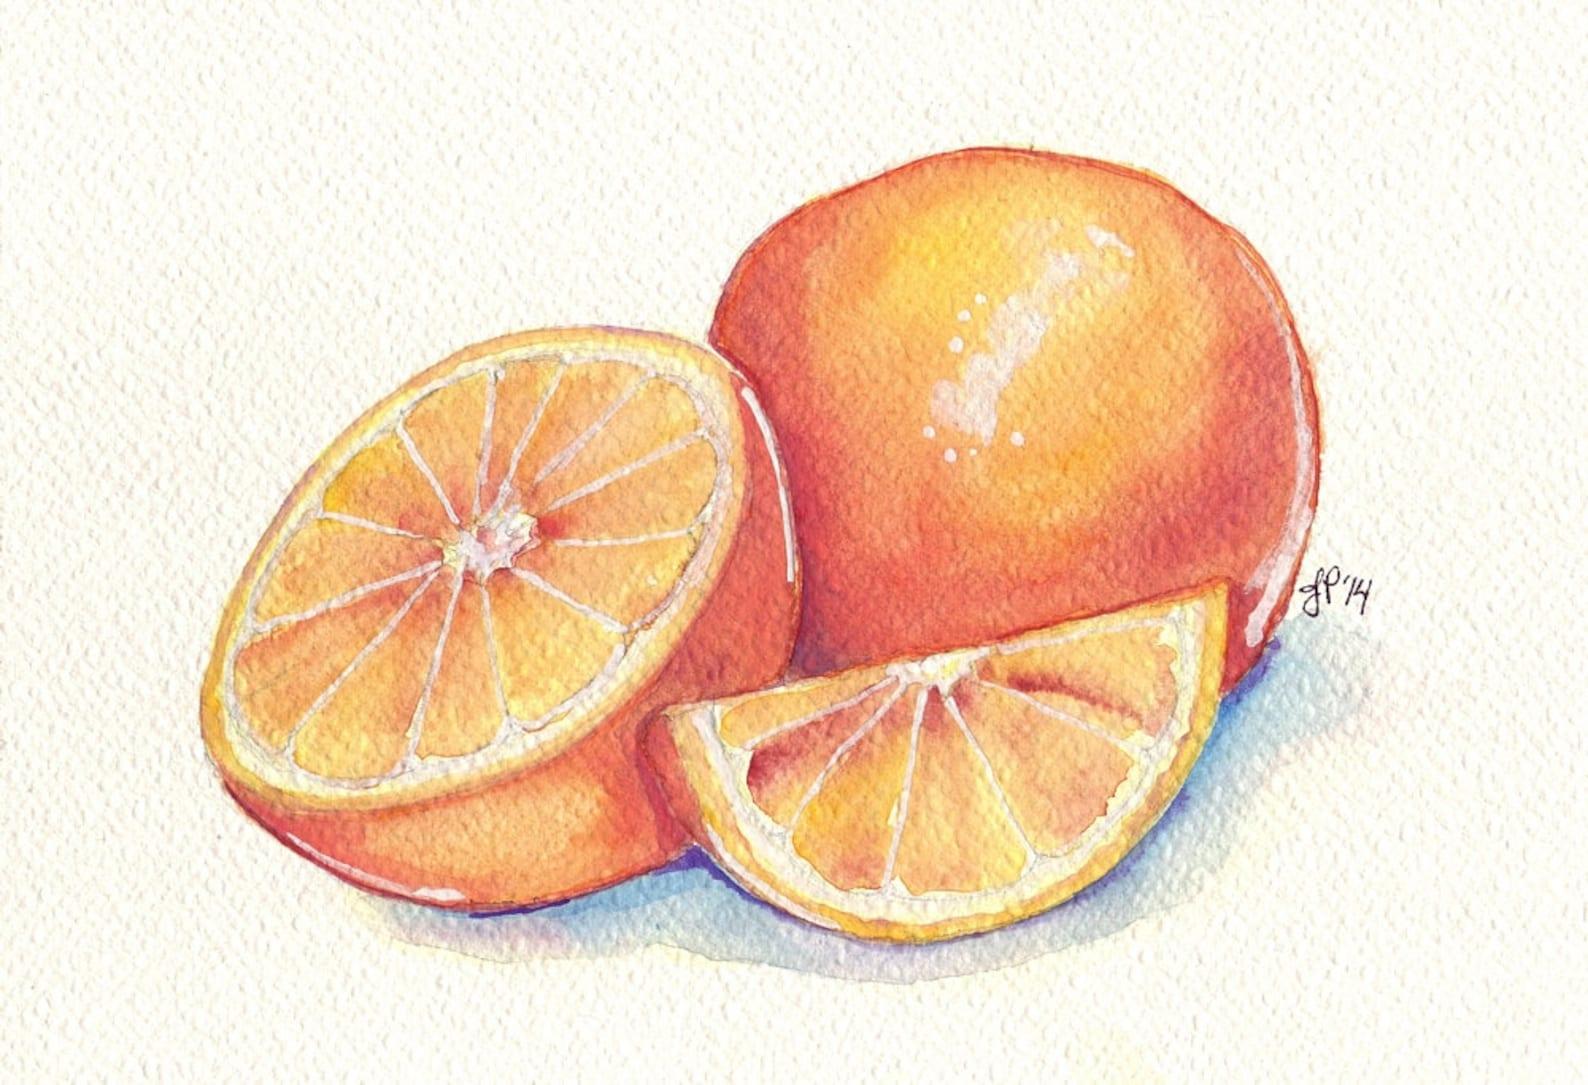 Картинки дольки фруктов для срисовки